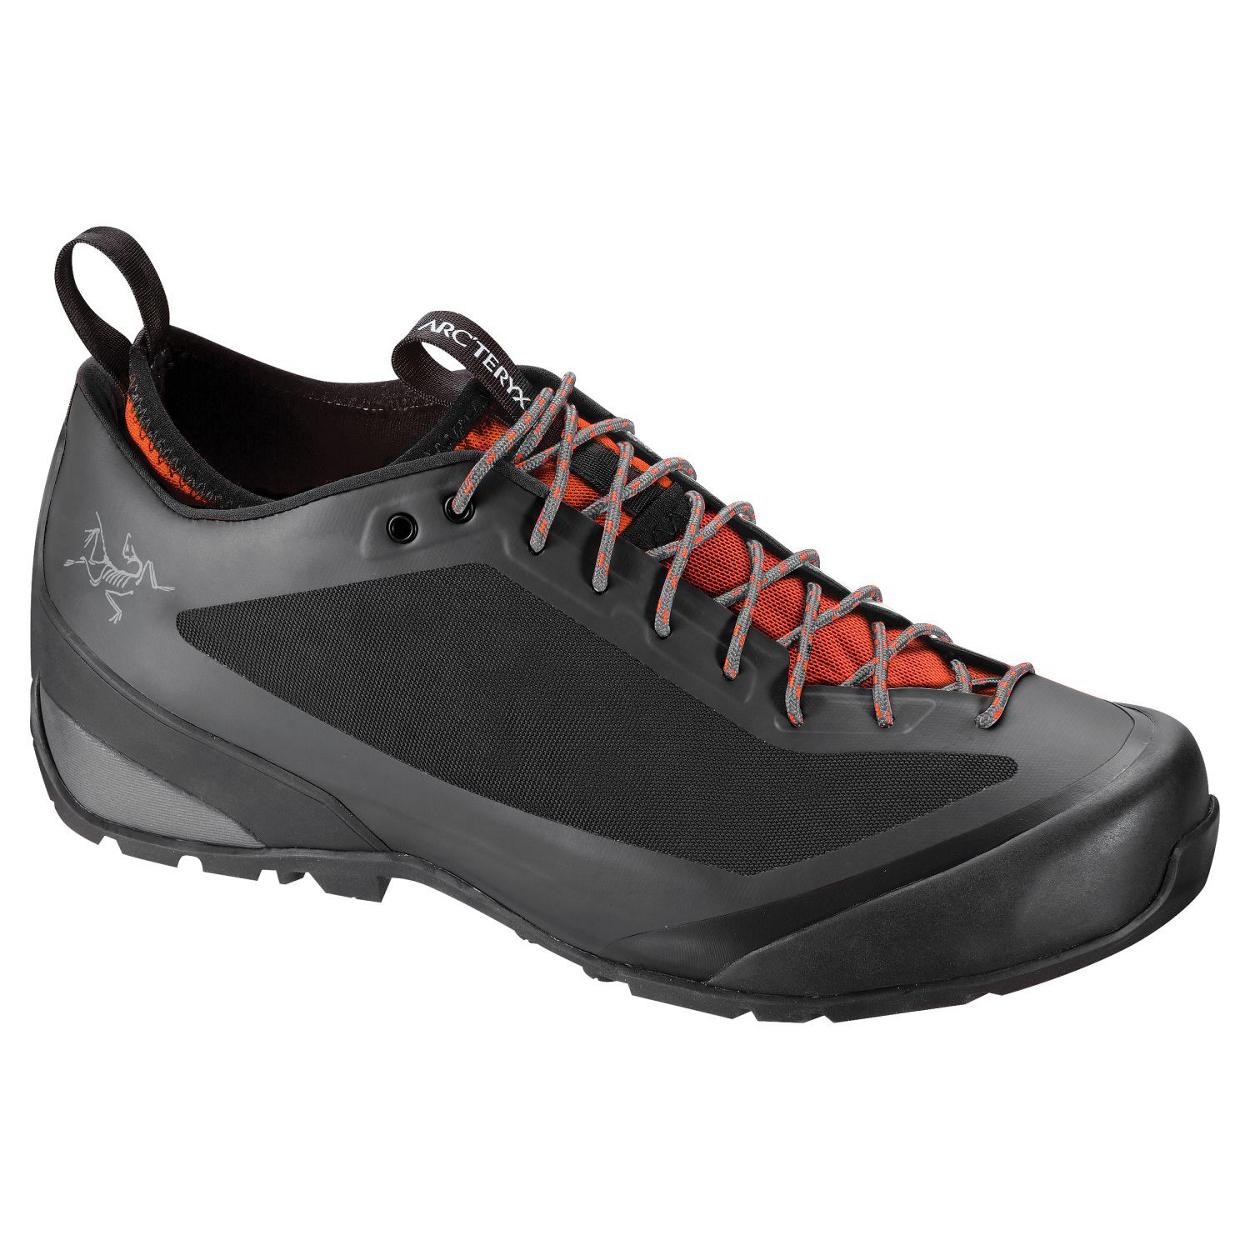 Image of Acrux FL Approach Shoe